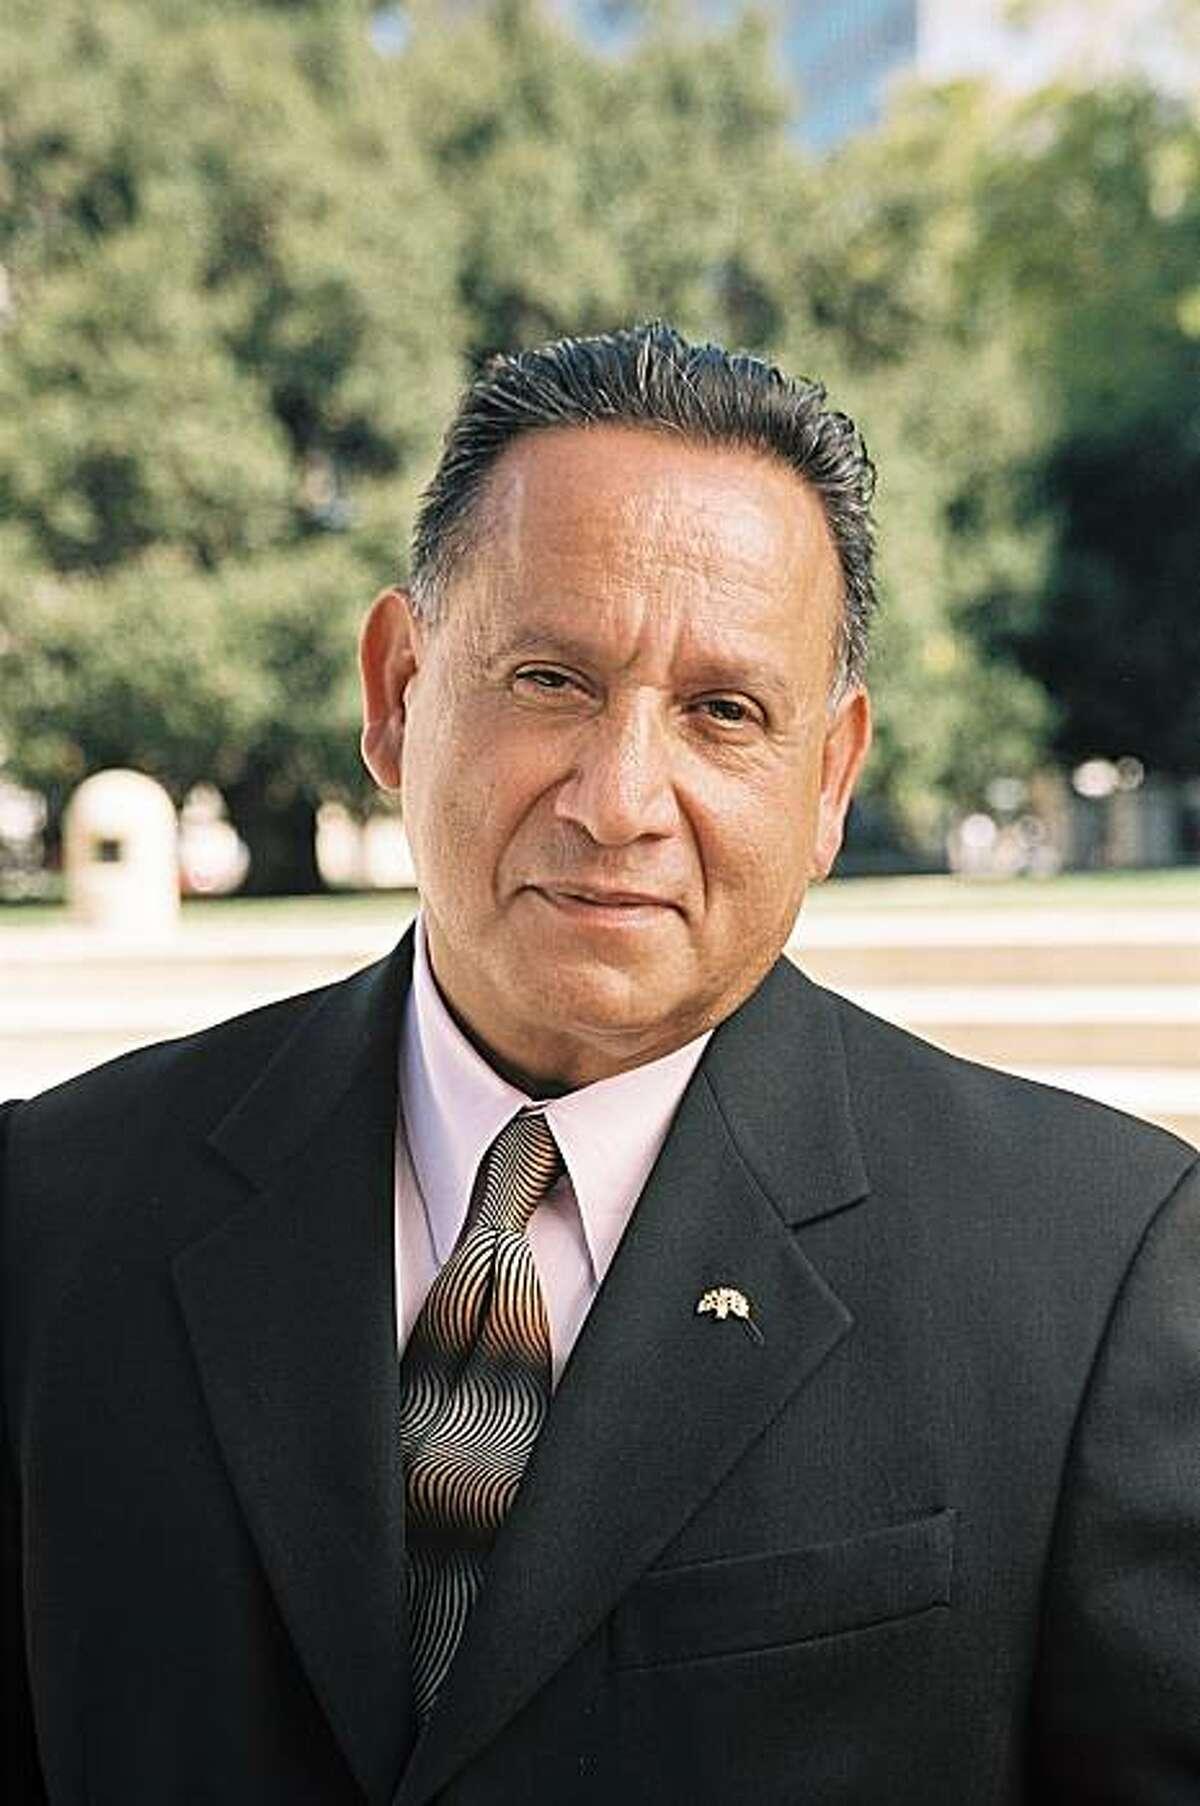 Ignacio De La Fuente, Oakland City Council, District 5